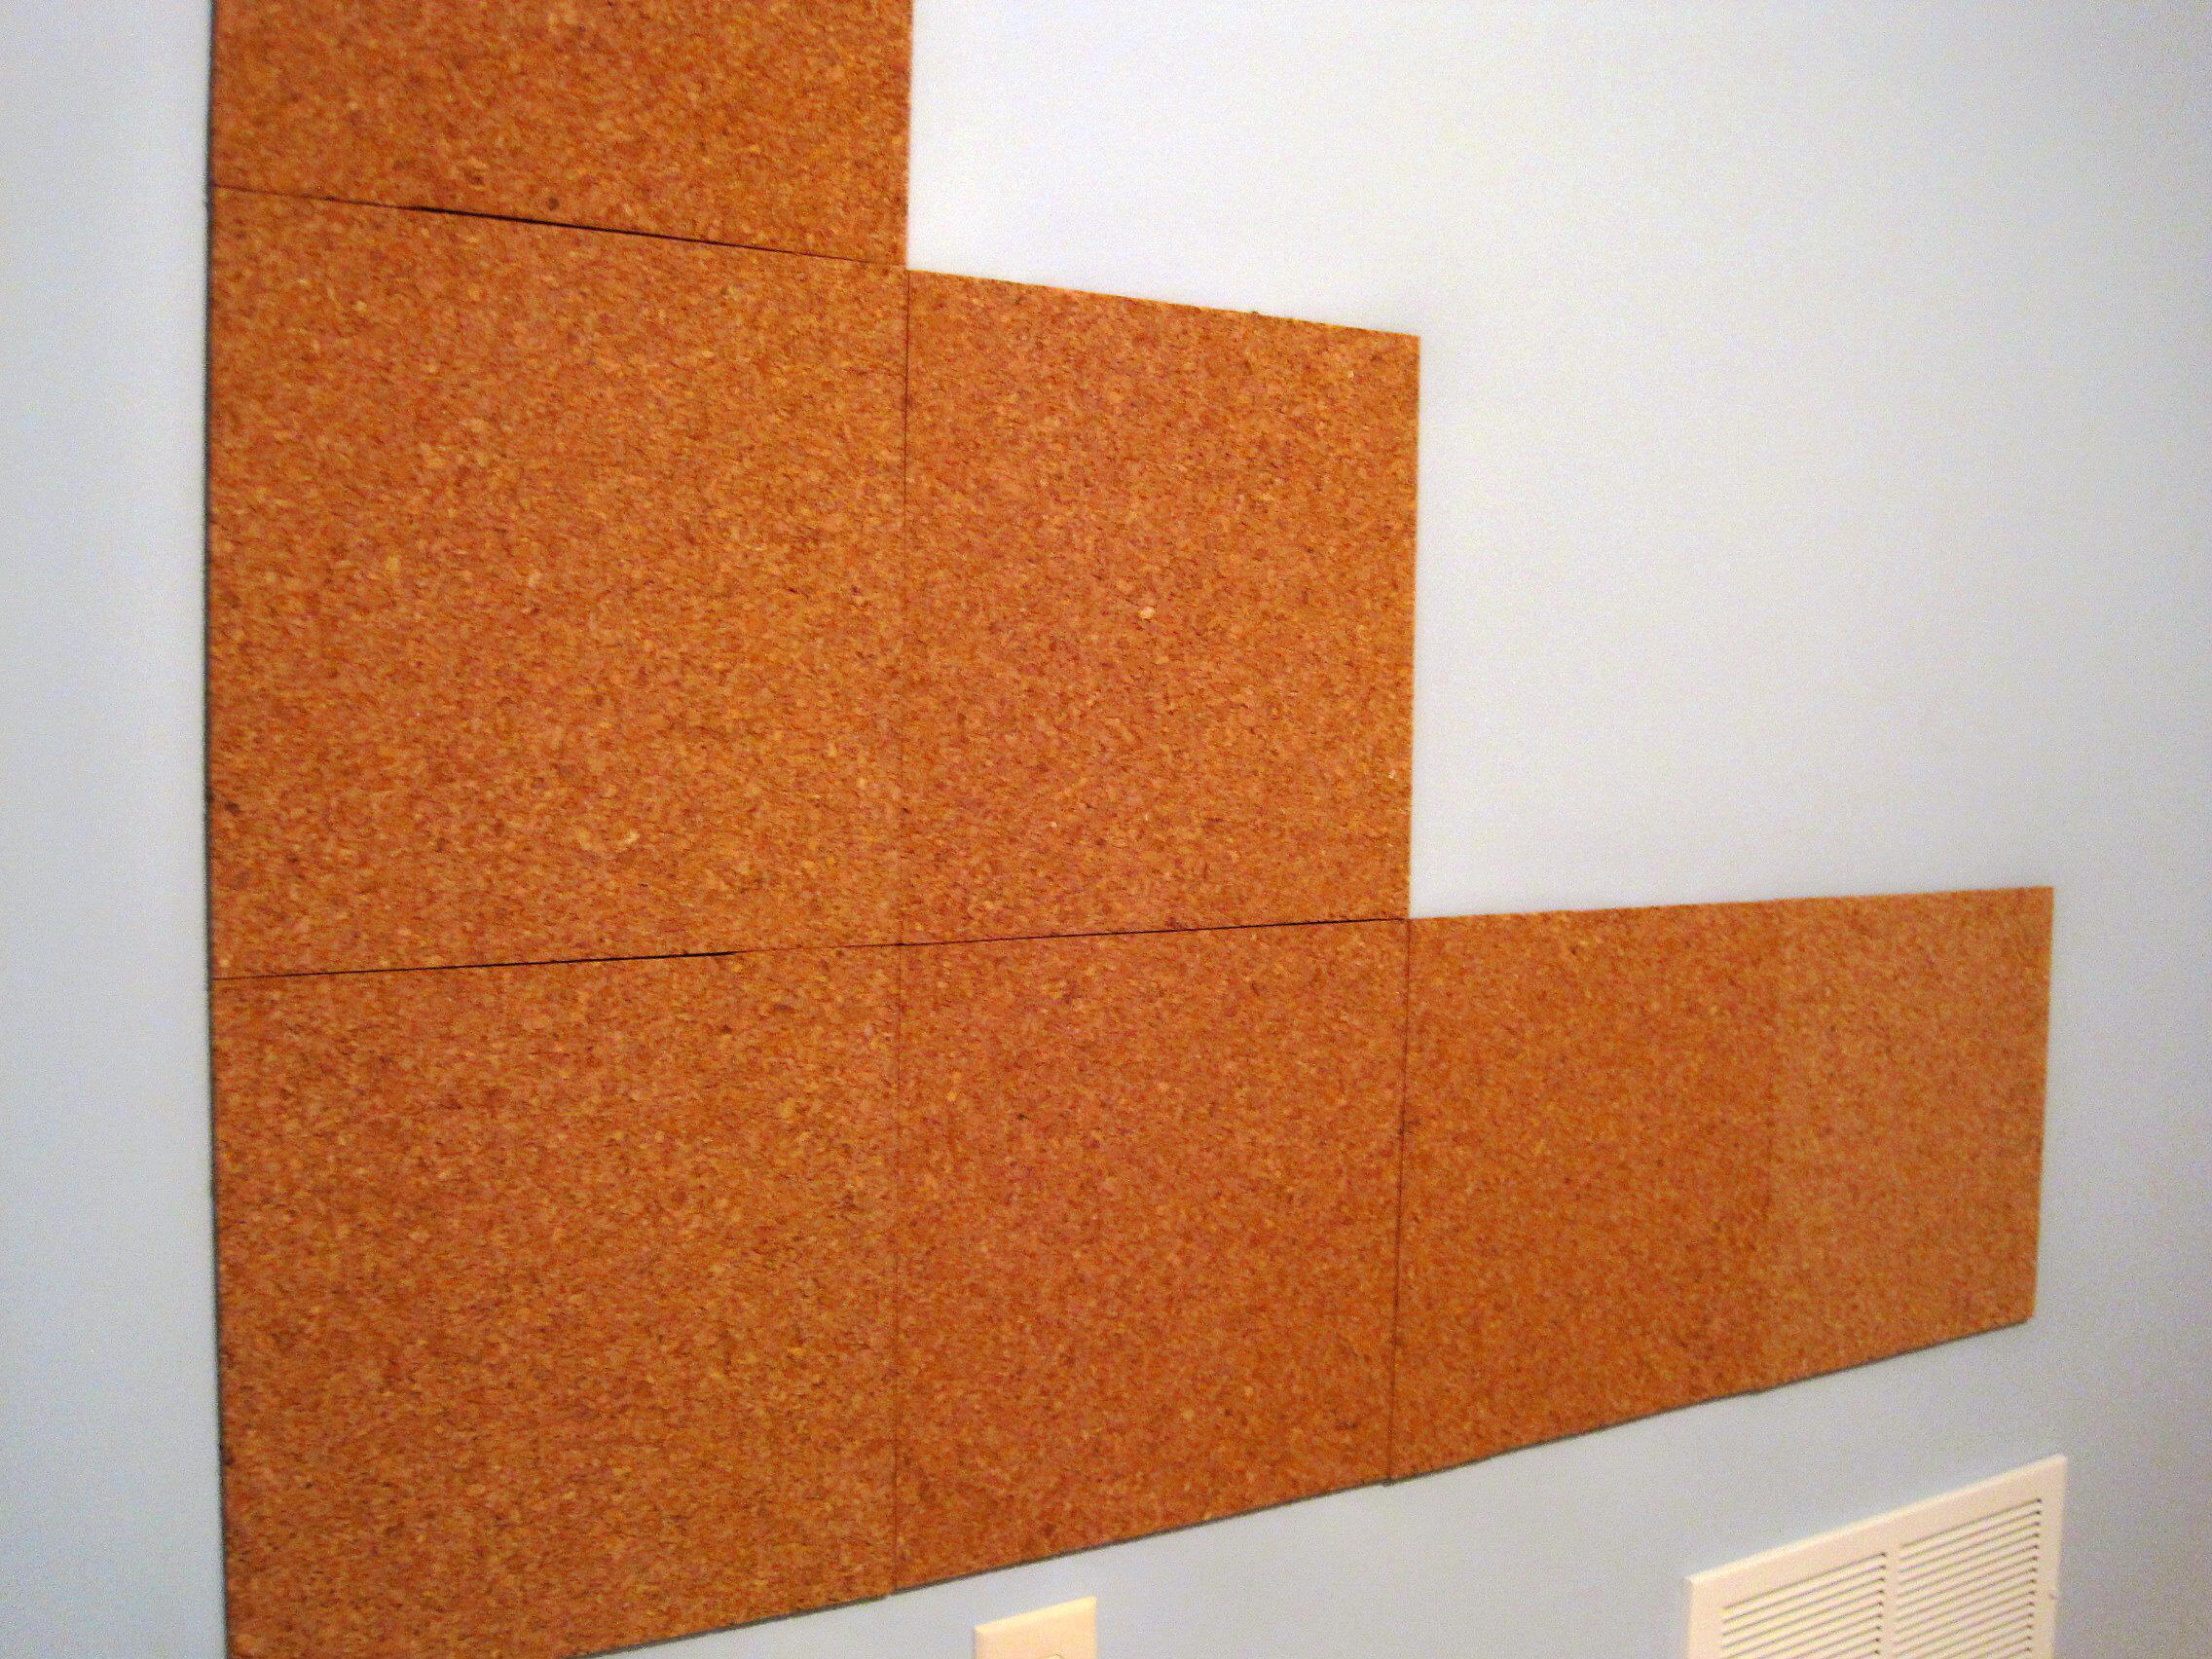 Процесс отделки стен пробковыми панелями